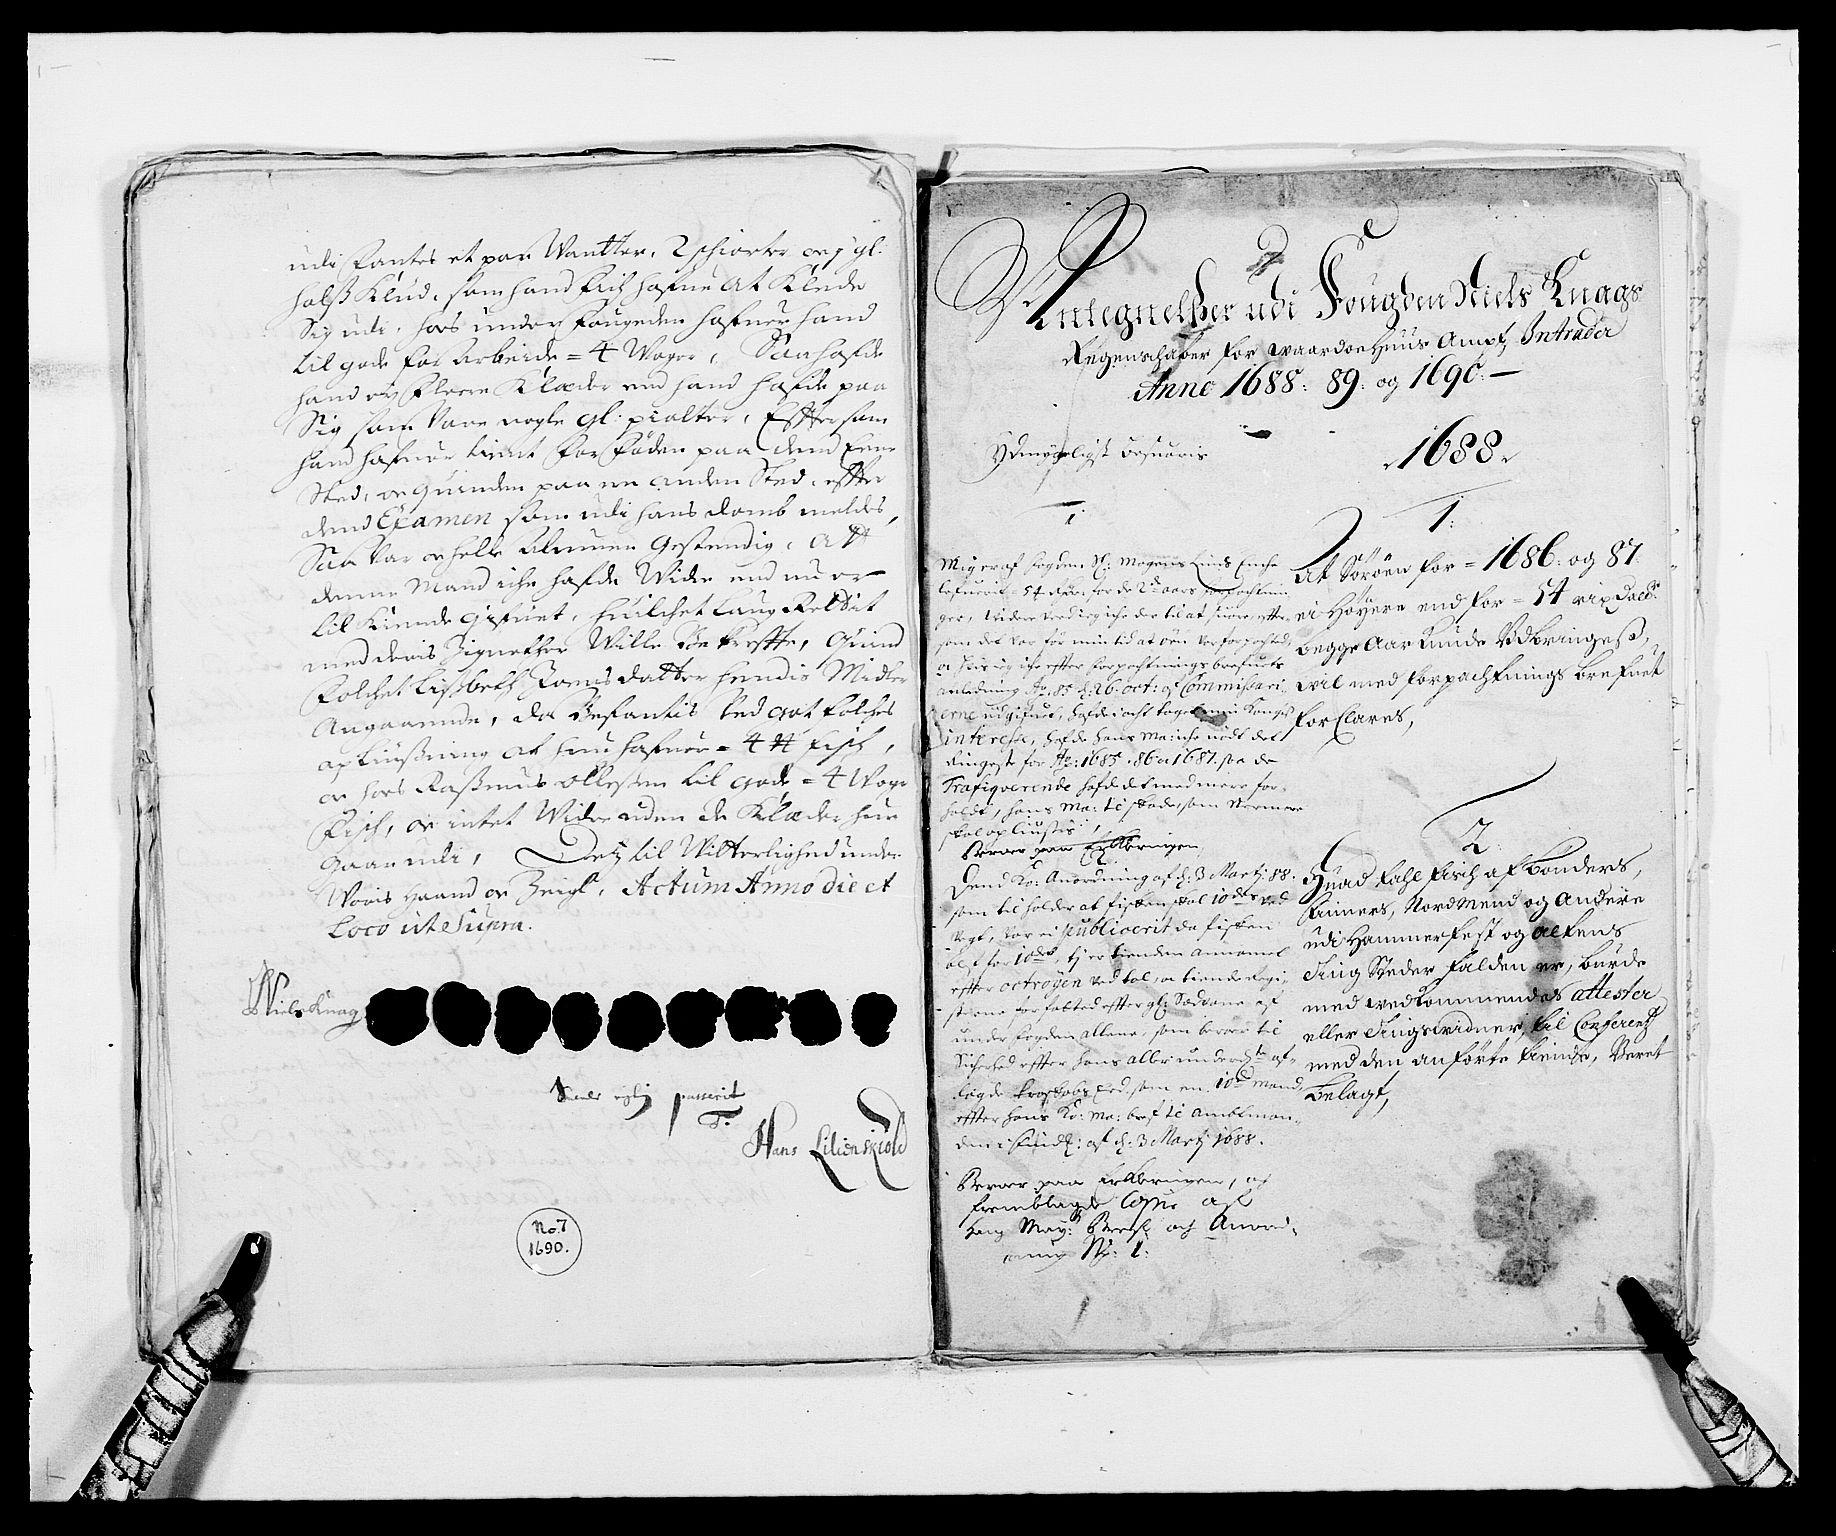 RA, Rentekammeret inntil 1814, Reviderte regnskaper, Fogderegnskap, R69/L4850: Fogderegnskap Finnmark/Vardøhus, 1680-1690, s. 296